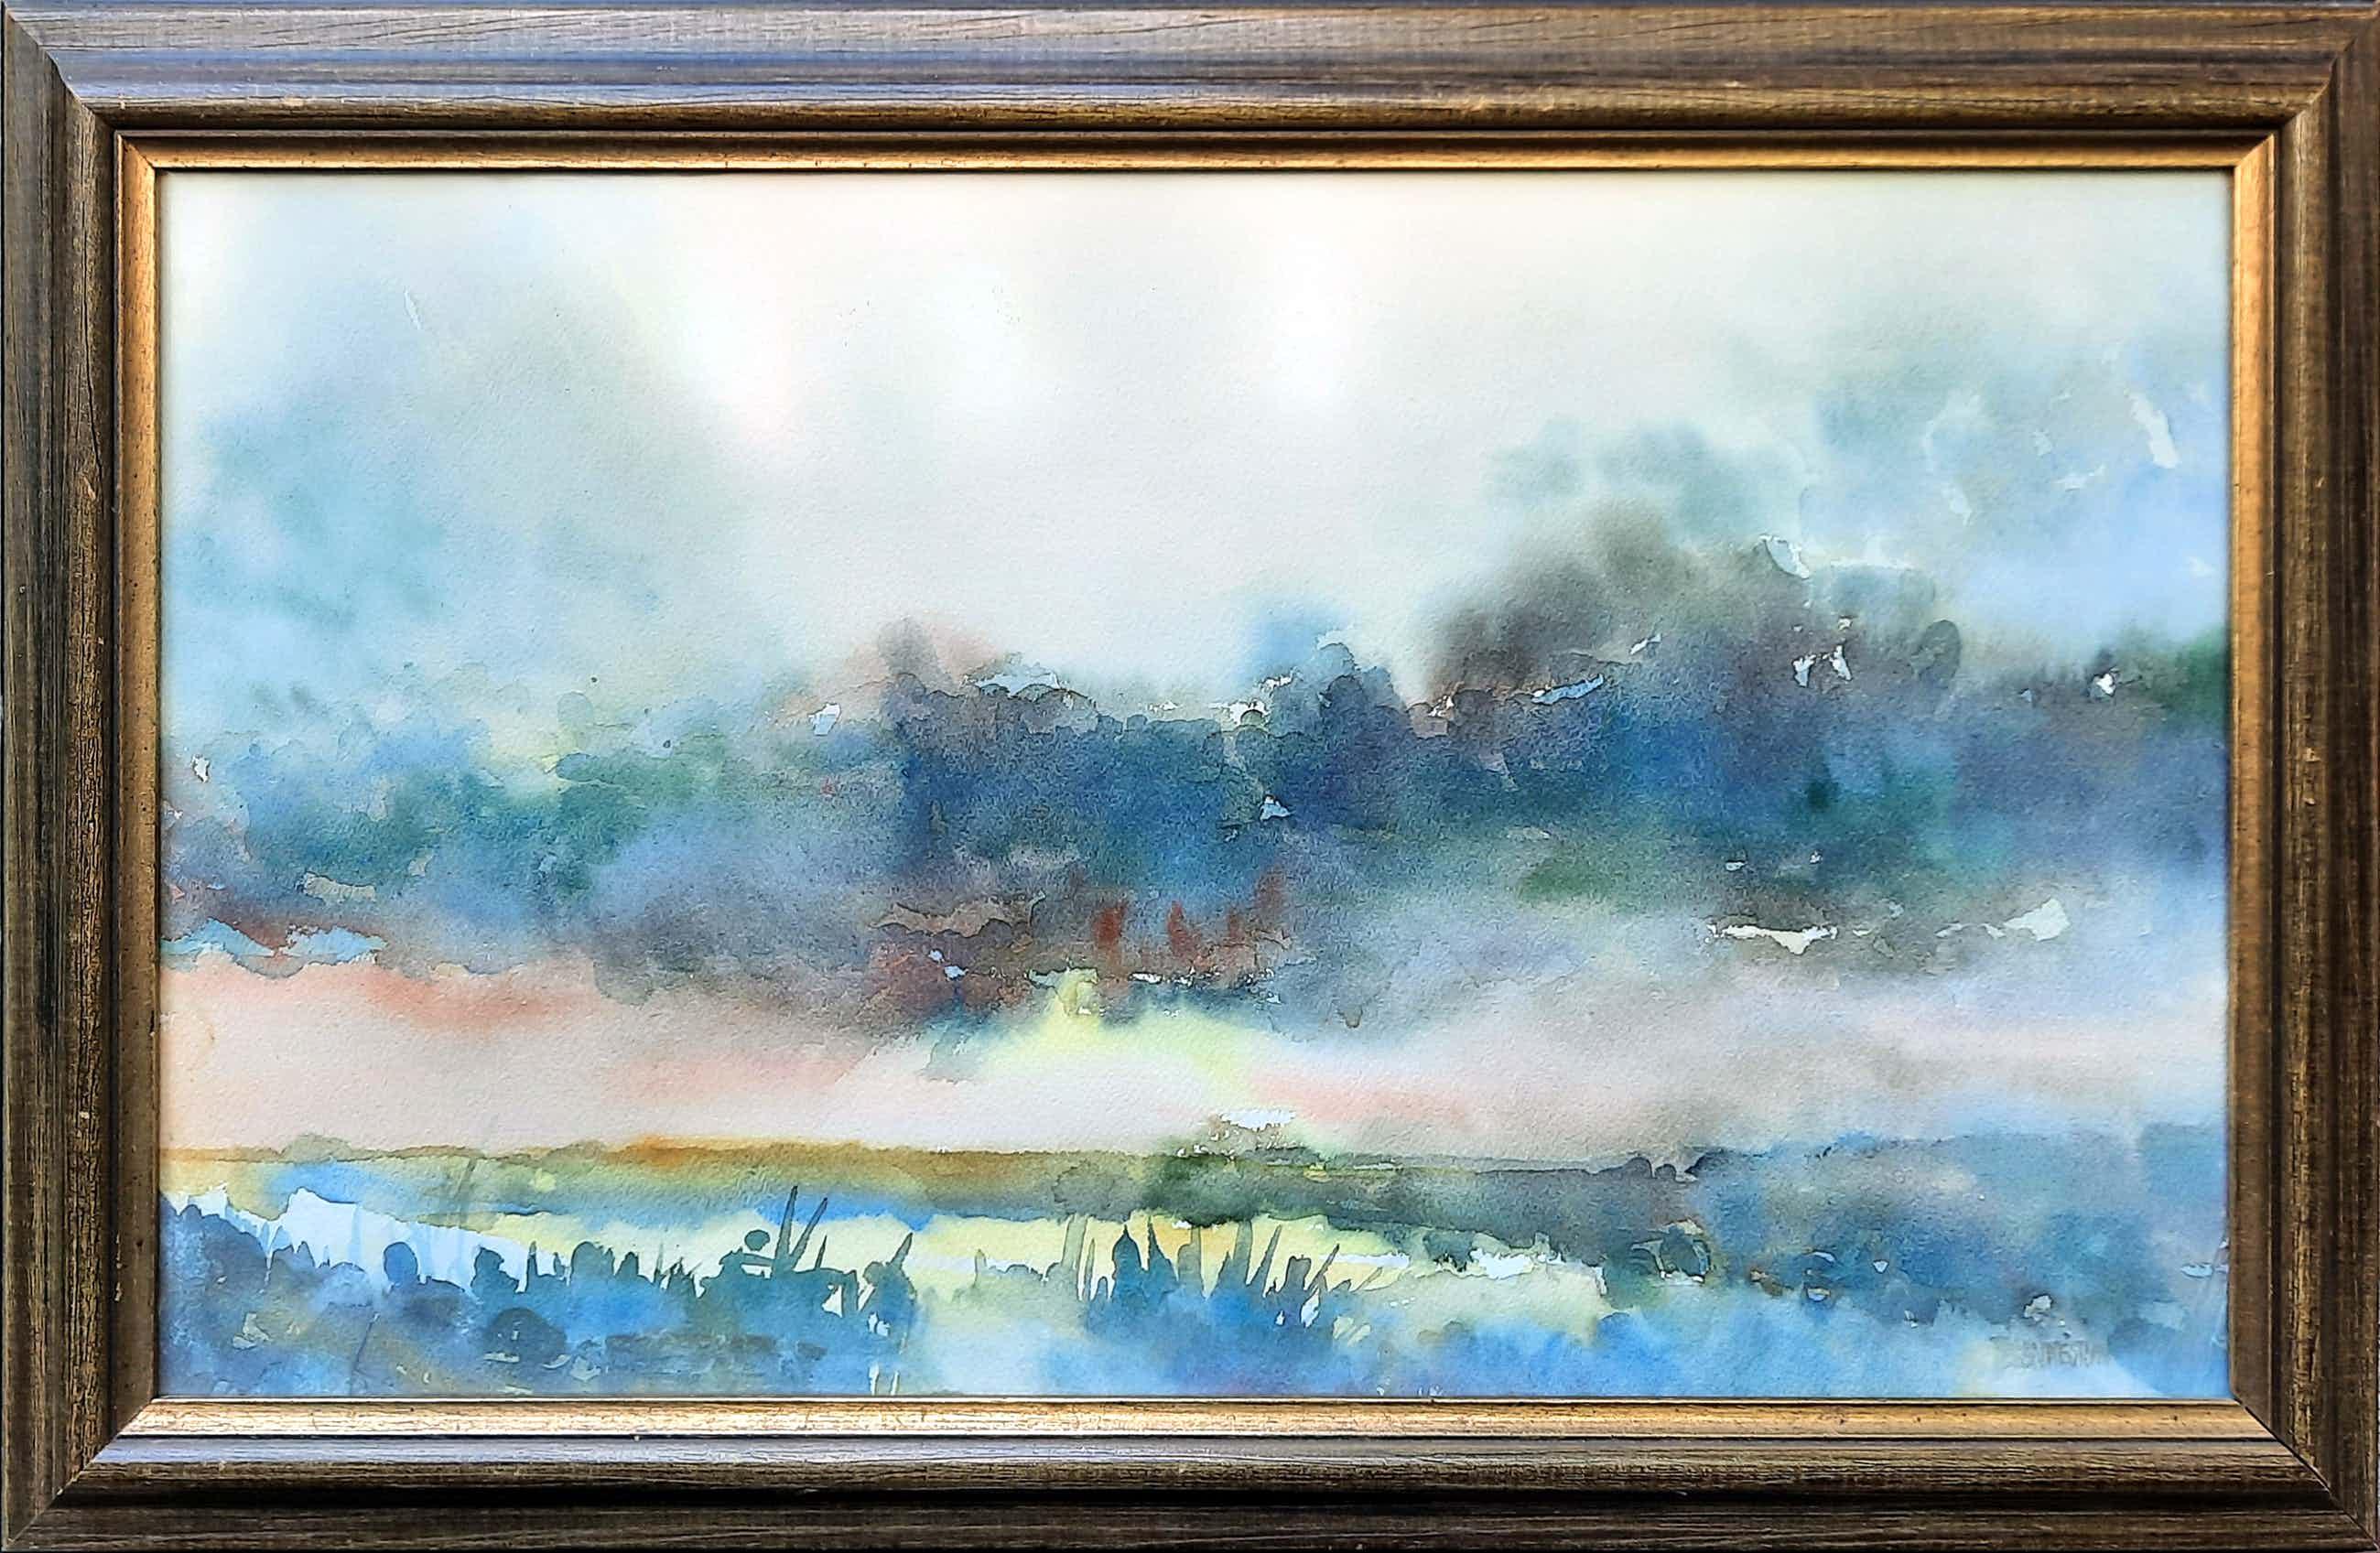 Theo Blankestijn - aquarel - Noord-Hollandse polder - 21036 kopen? Bied vanaf 75!